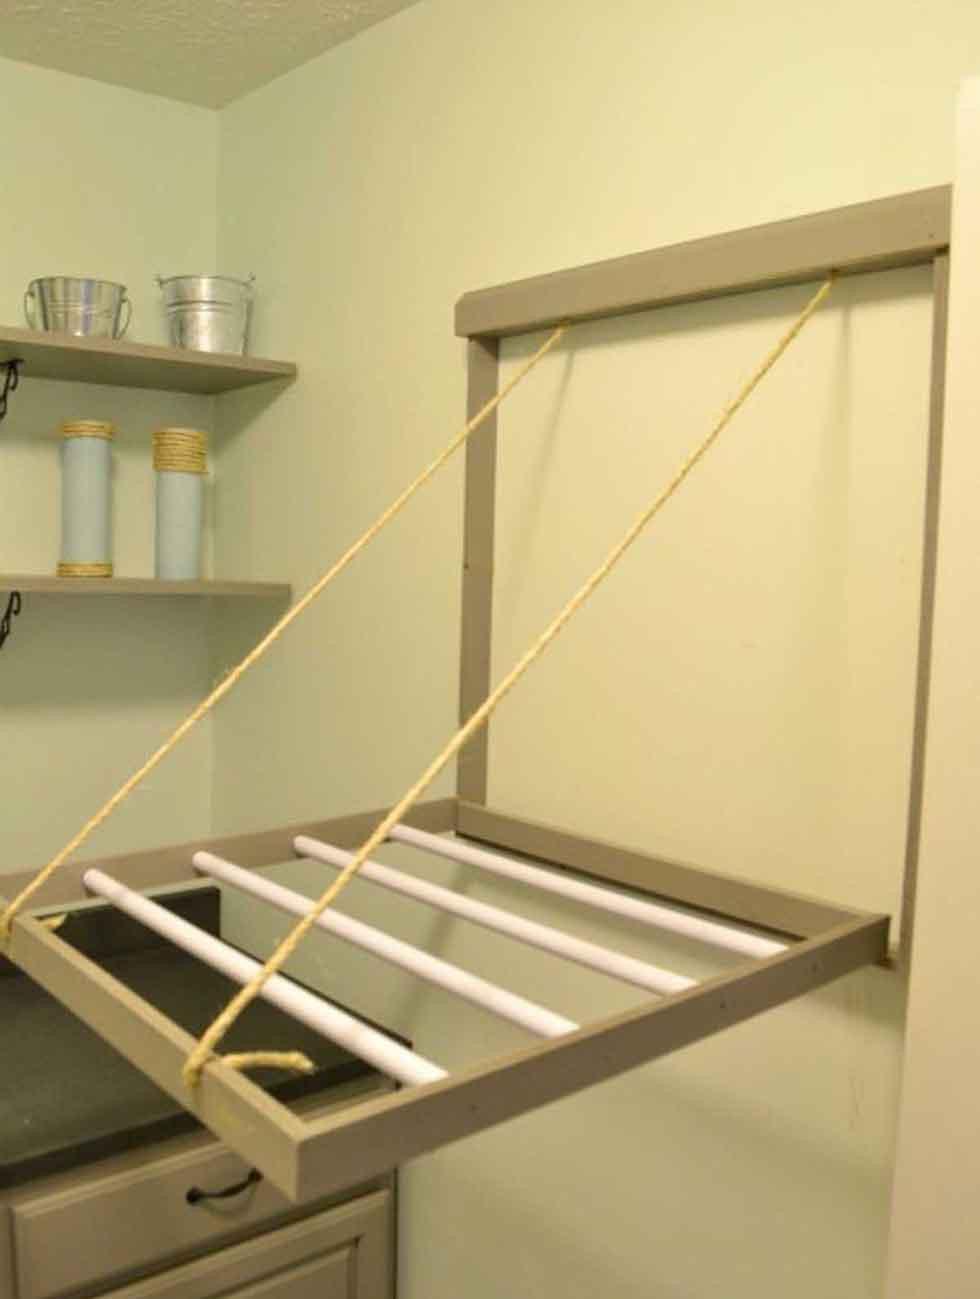 تنظيم غرفة الغسيل - منشر عملي سهل الطي